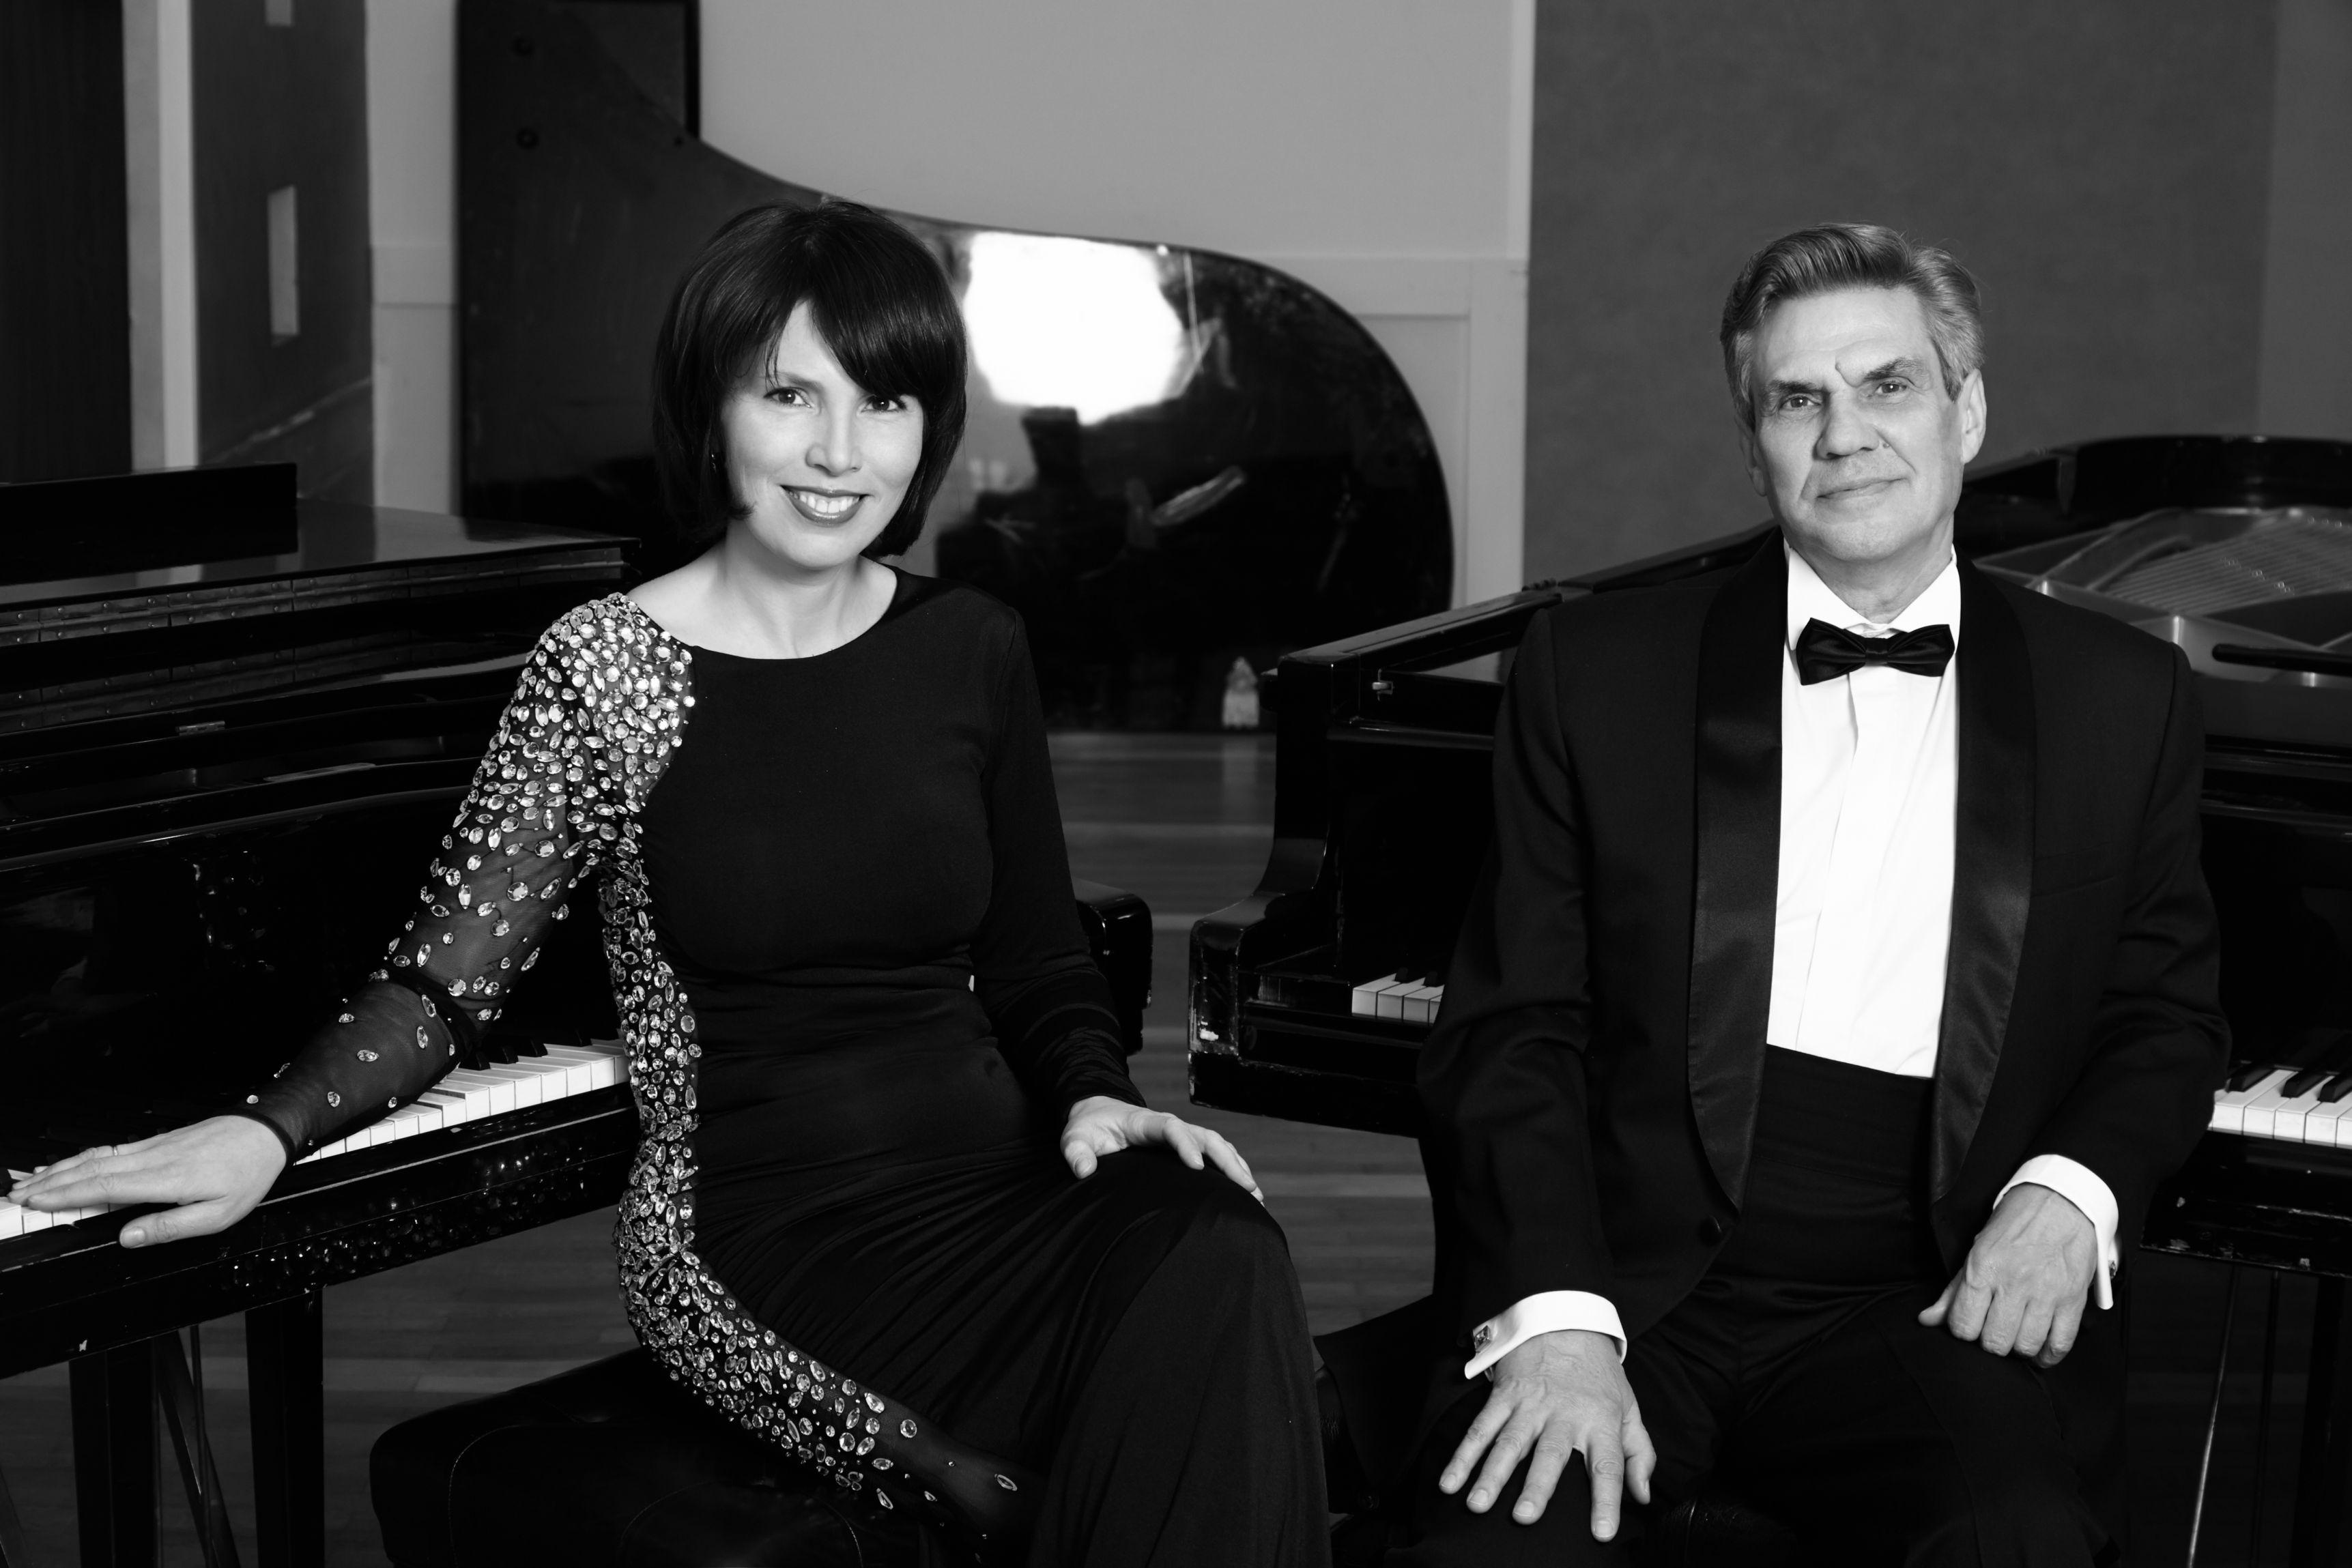 صورة لجنة دبي للحفلات تستضيف ثنائي البيانو كوتوفا و بوروفيكوف